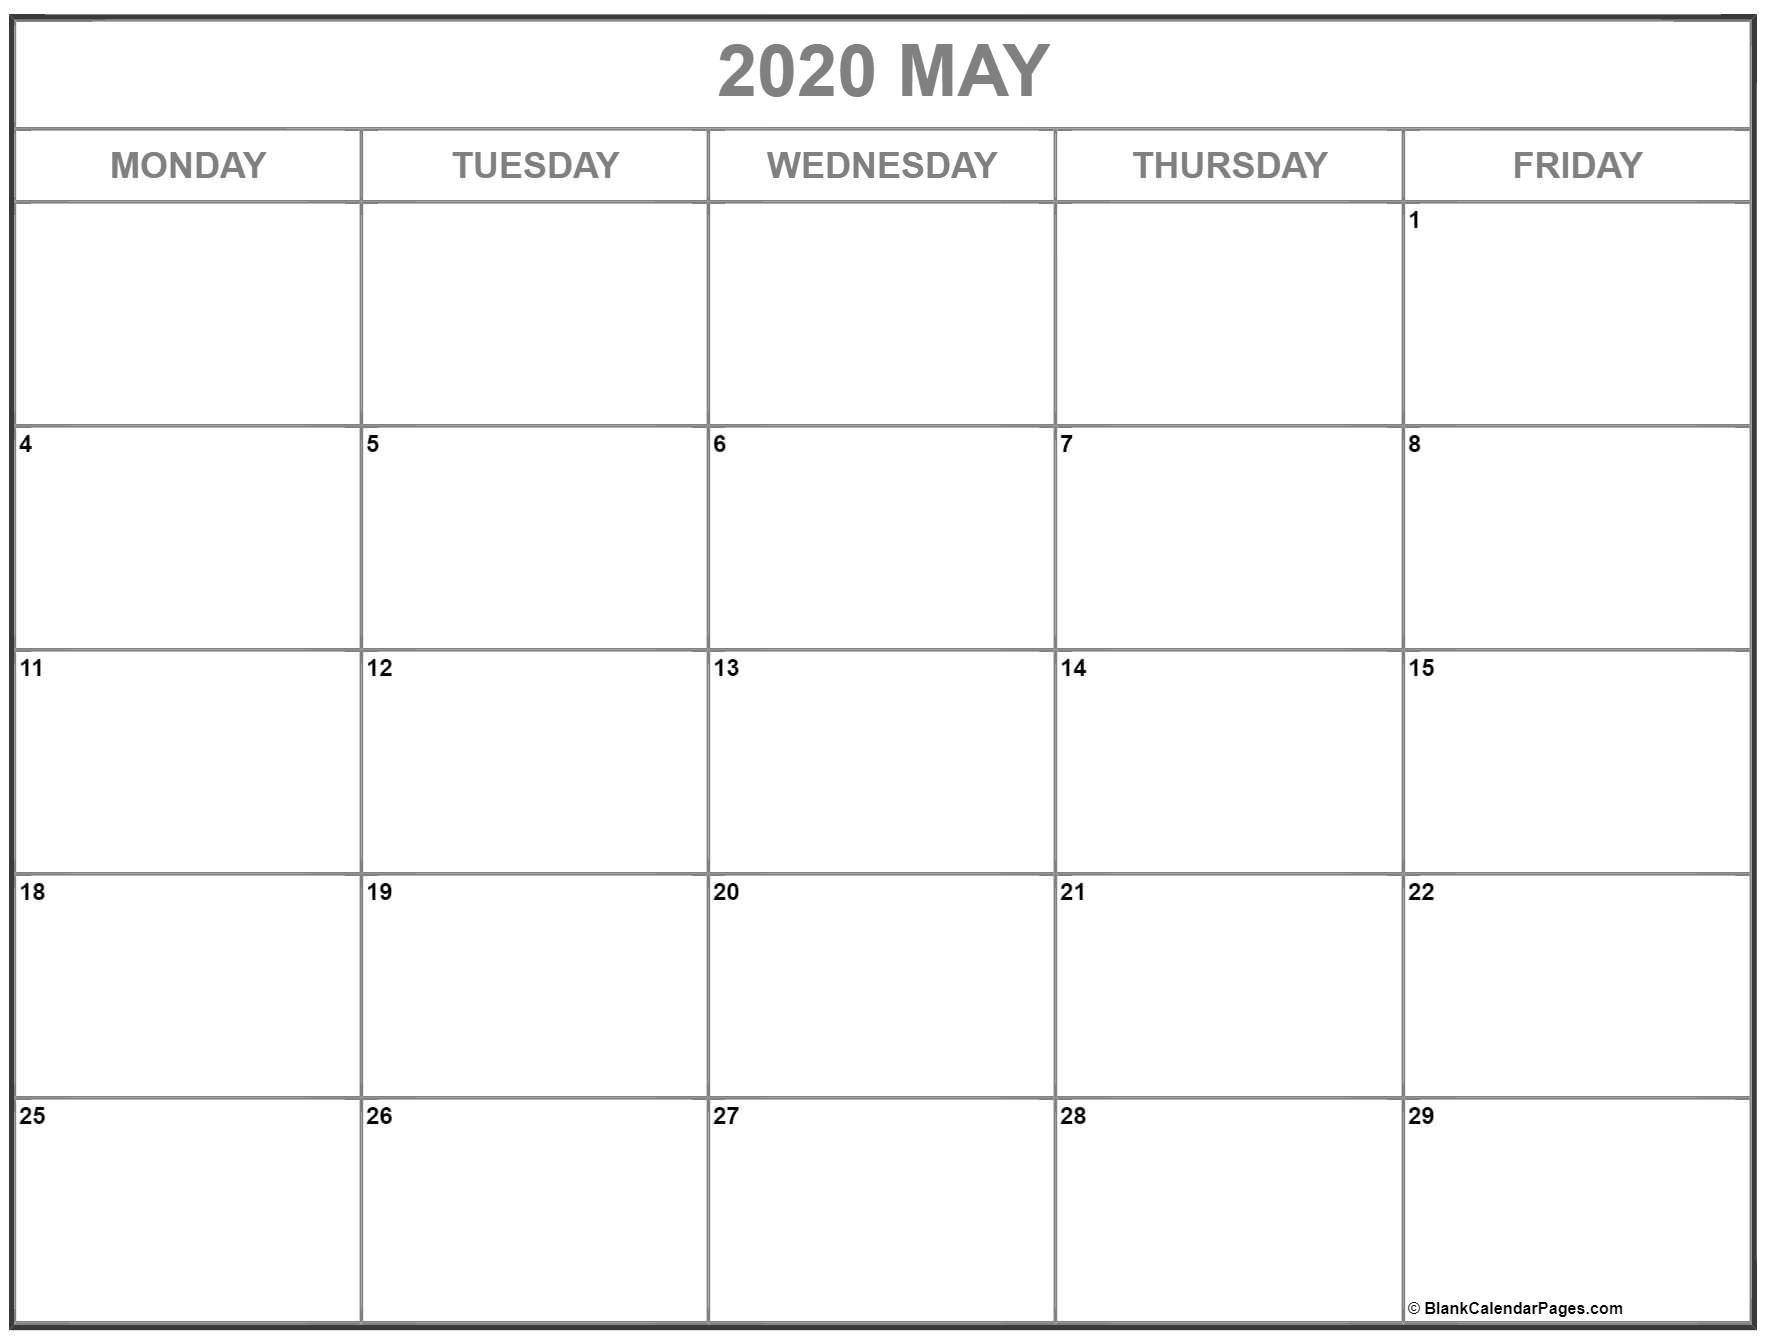 Monday Through Friday Calendar - Example Calendar Printable Blank Monday Through Sunday Schedule